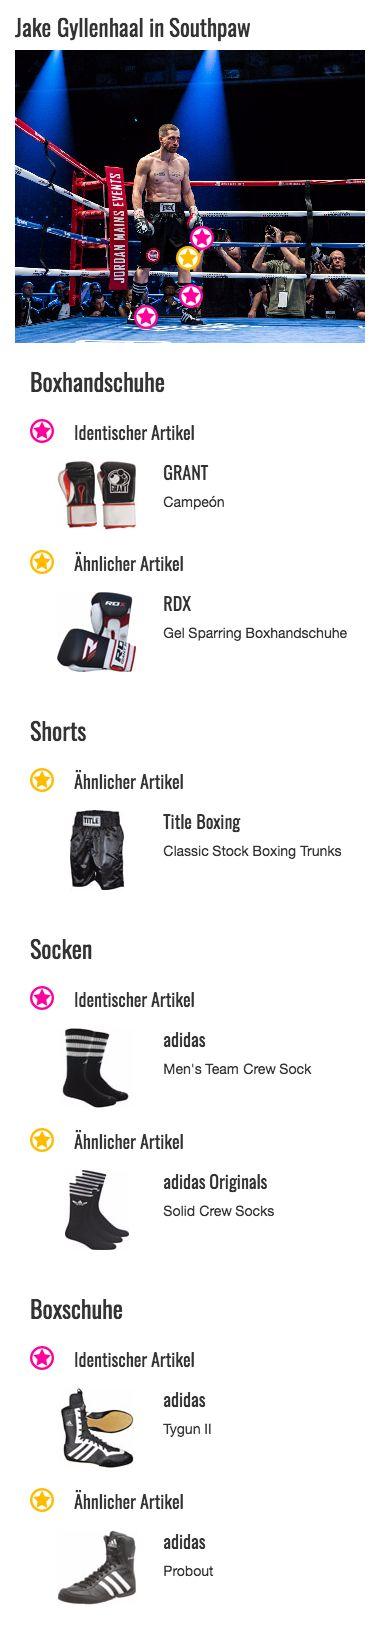 Bei seinen Wettkampfhandschuhen setzt Boxer Billy Hope (Jake Gyllenhaal) auf Qualität: Die Boxhandschuhe der Marke GRANT sind bekannt für ihre schlagenden Argumente und handfesten Eigenschaften. So unterstützten sie die harten Schläge des Weltmeisters. Auch farblich ergänzen sie durch ihren Schwarz-Weiß-Kontrast und den roten Streifen hervorragend das gesamten Outfit.